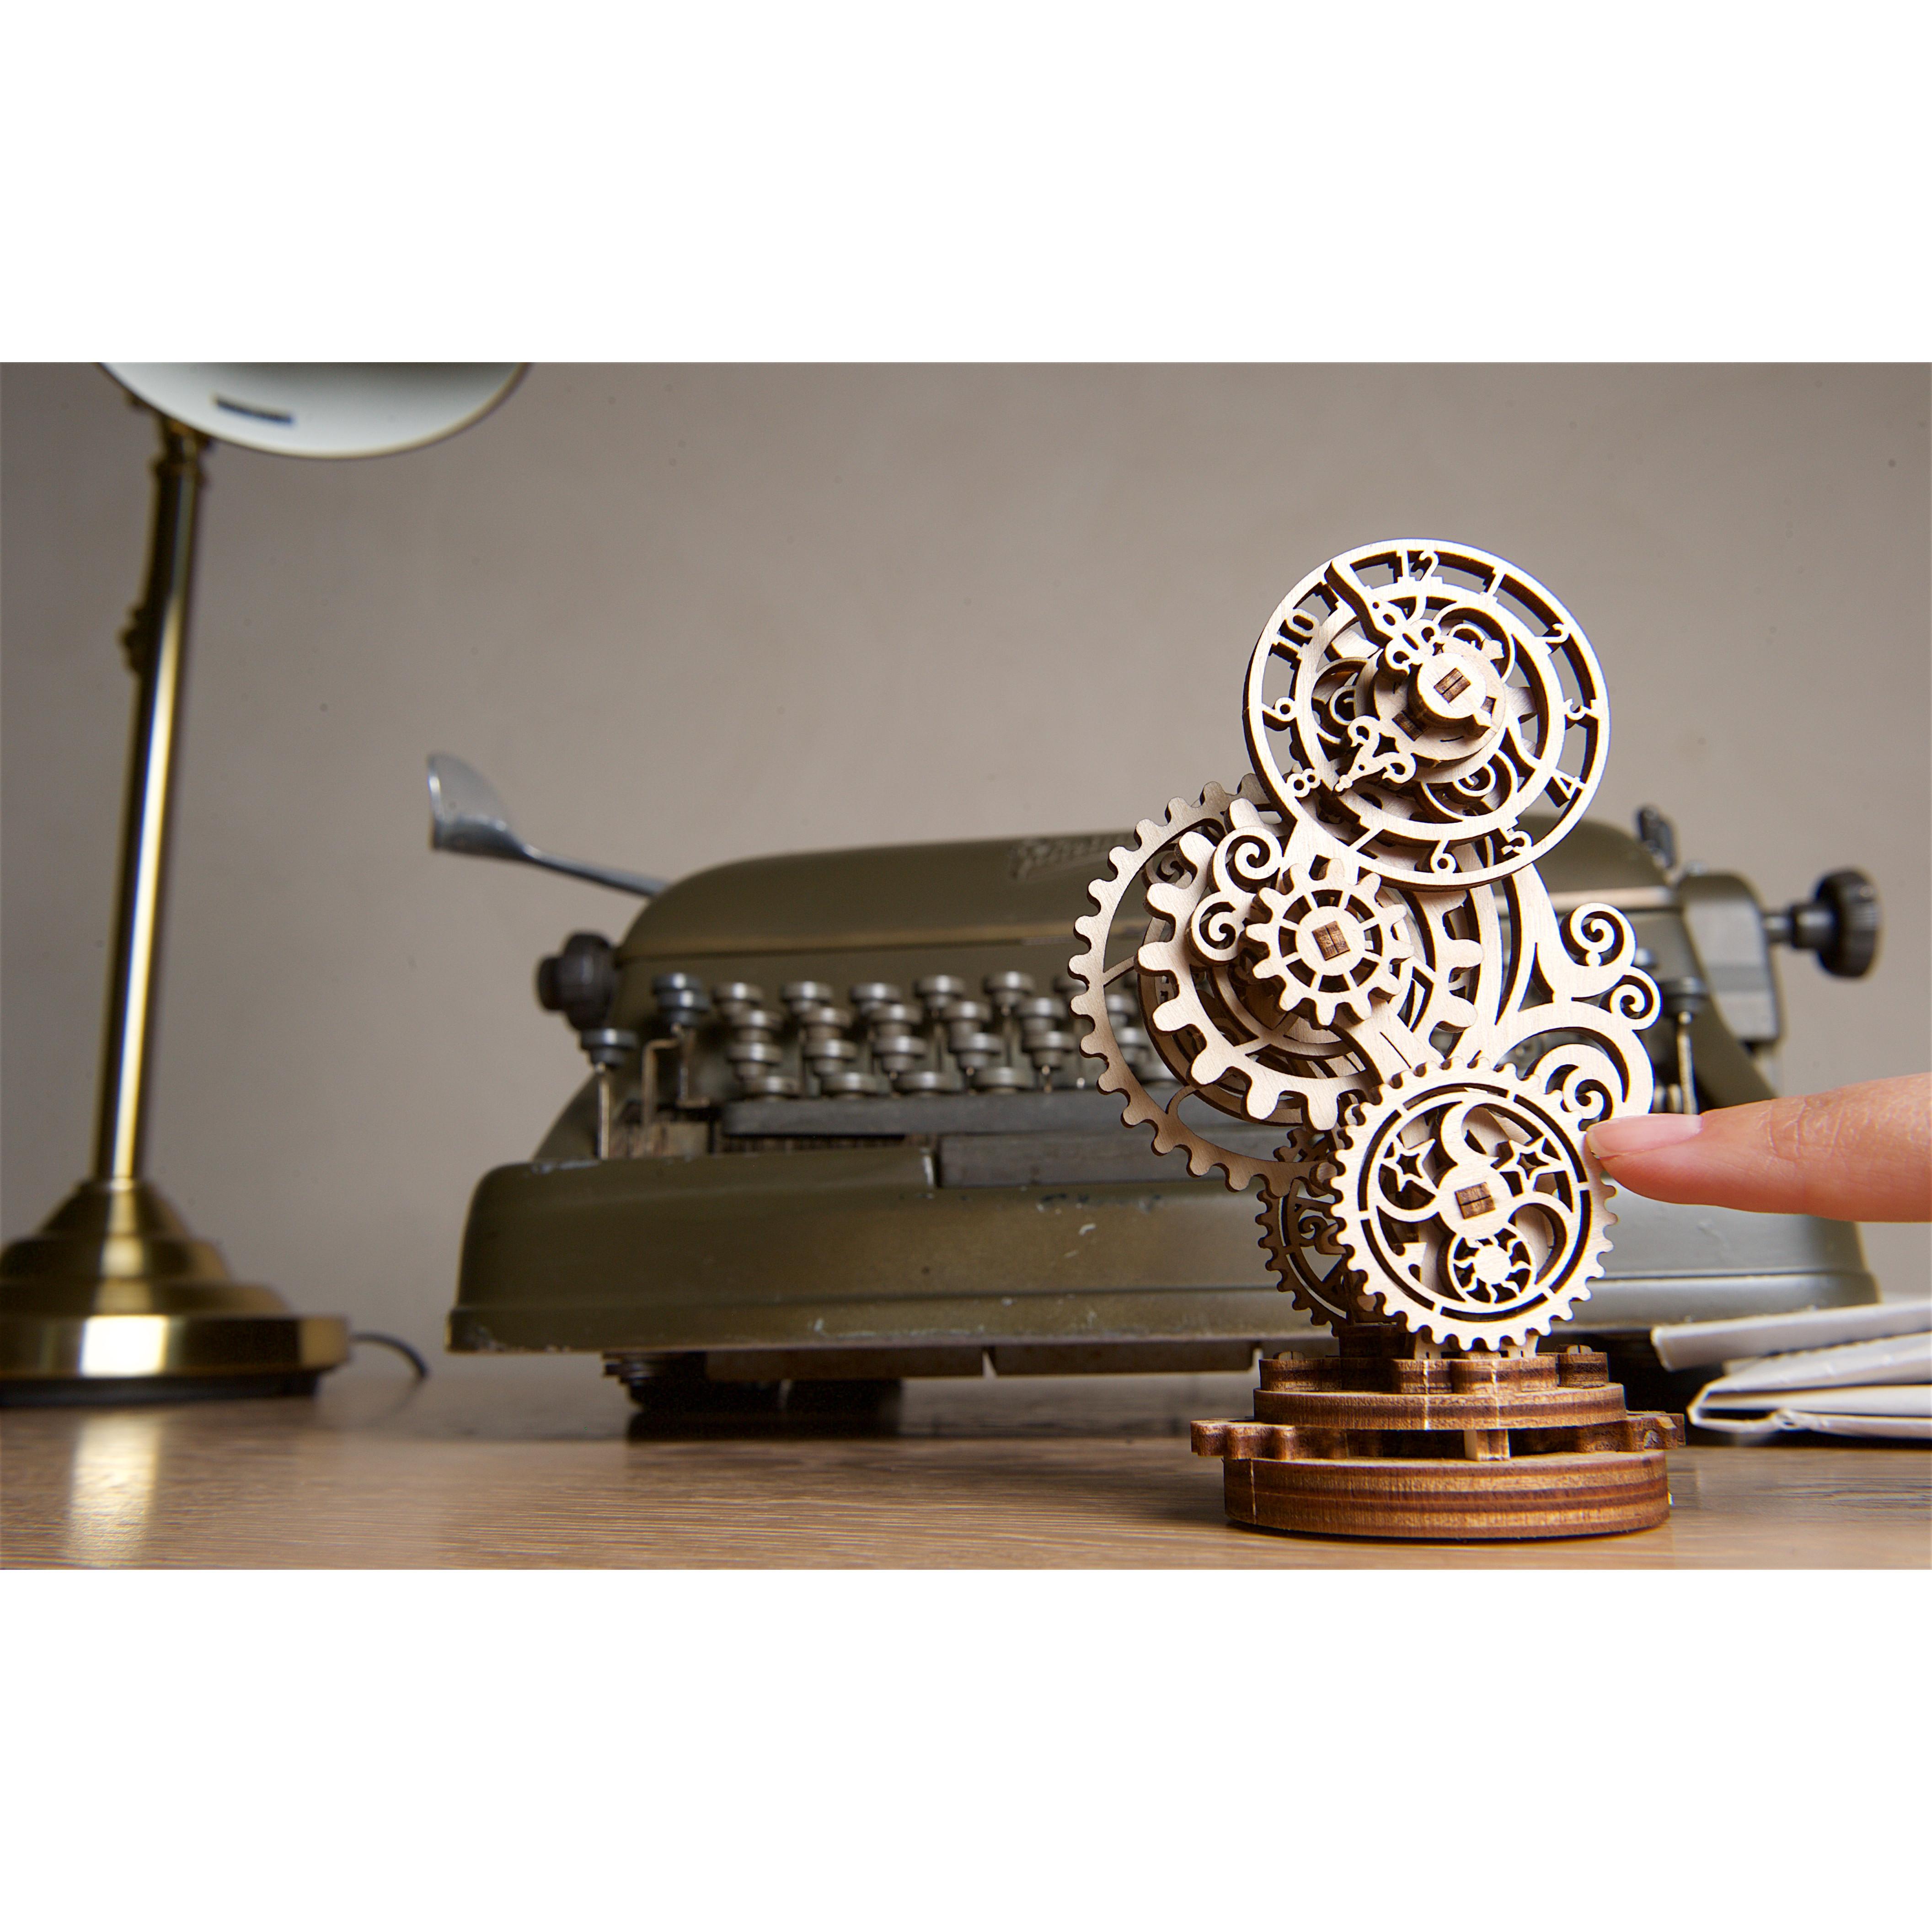 Mô hình cơ khí - Ugears Steampunk Clock - Đồng hồ Steam, Hàng chính hãng UGEARS, nhập khâu nguyên bộ từ EU, mô hình lắp ráp 3D, DYI